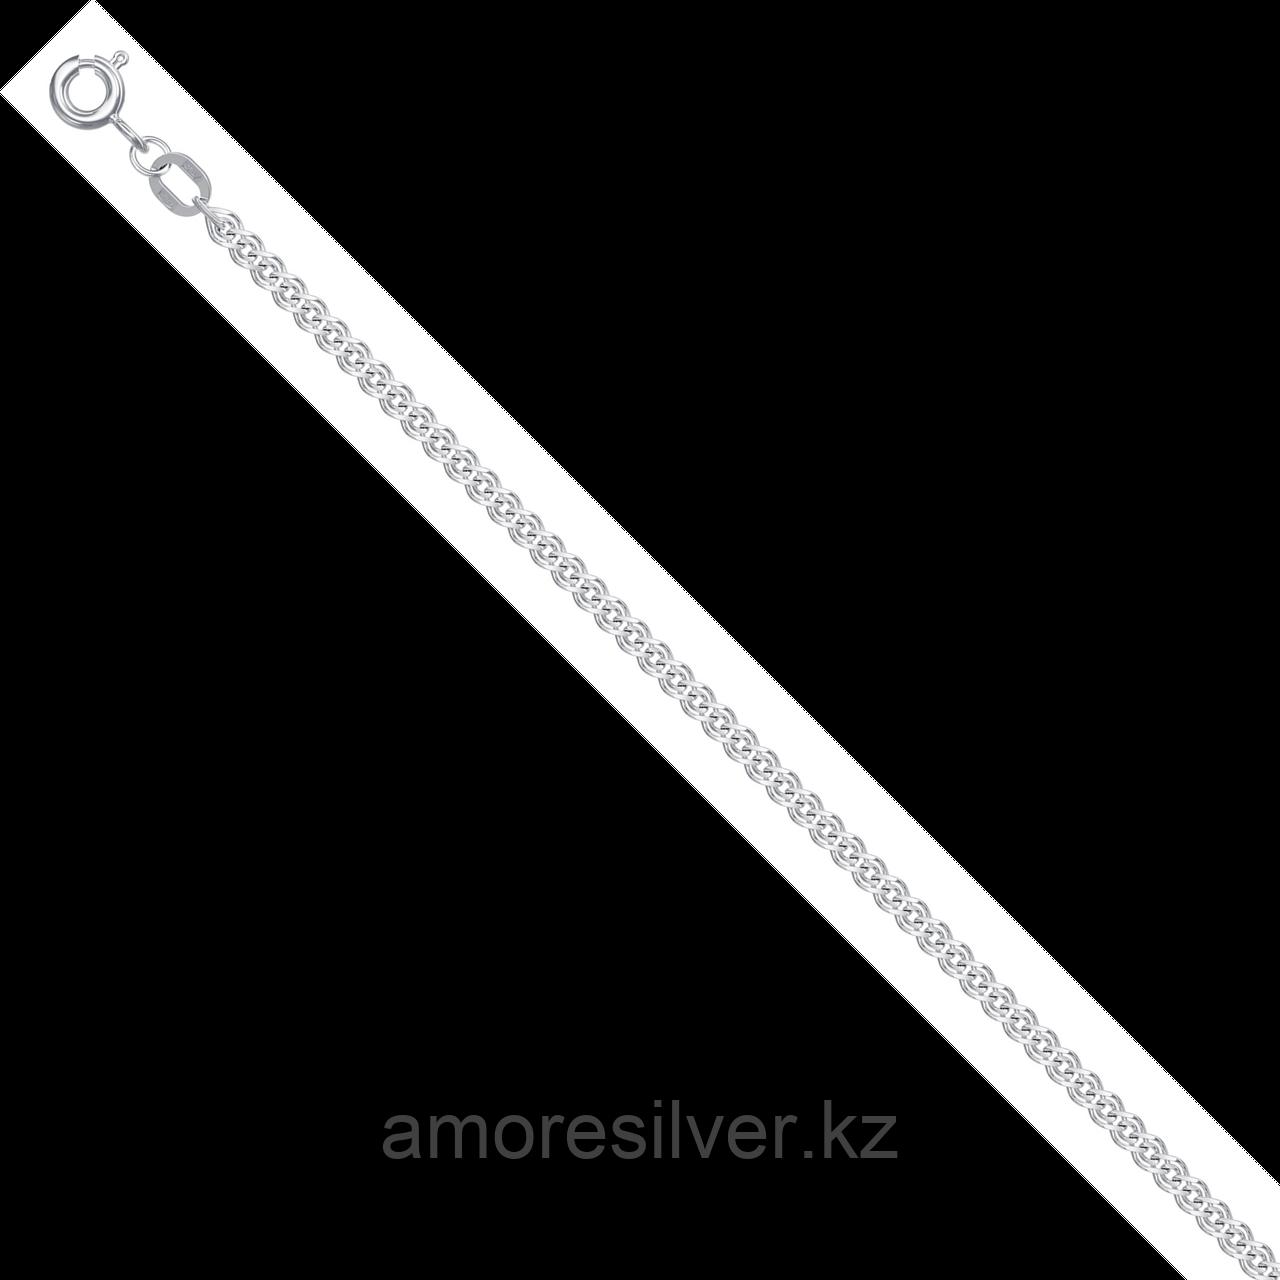 Браслет  серебро с позолотой, нонна НБ 22-200-4-040